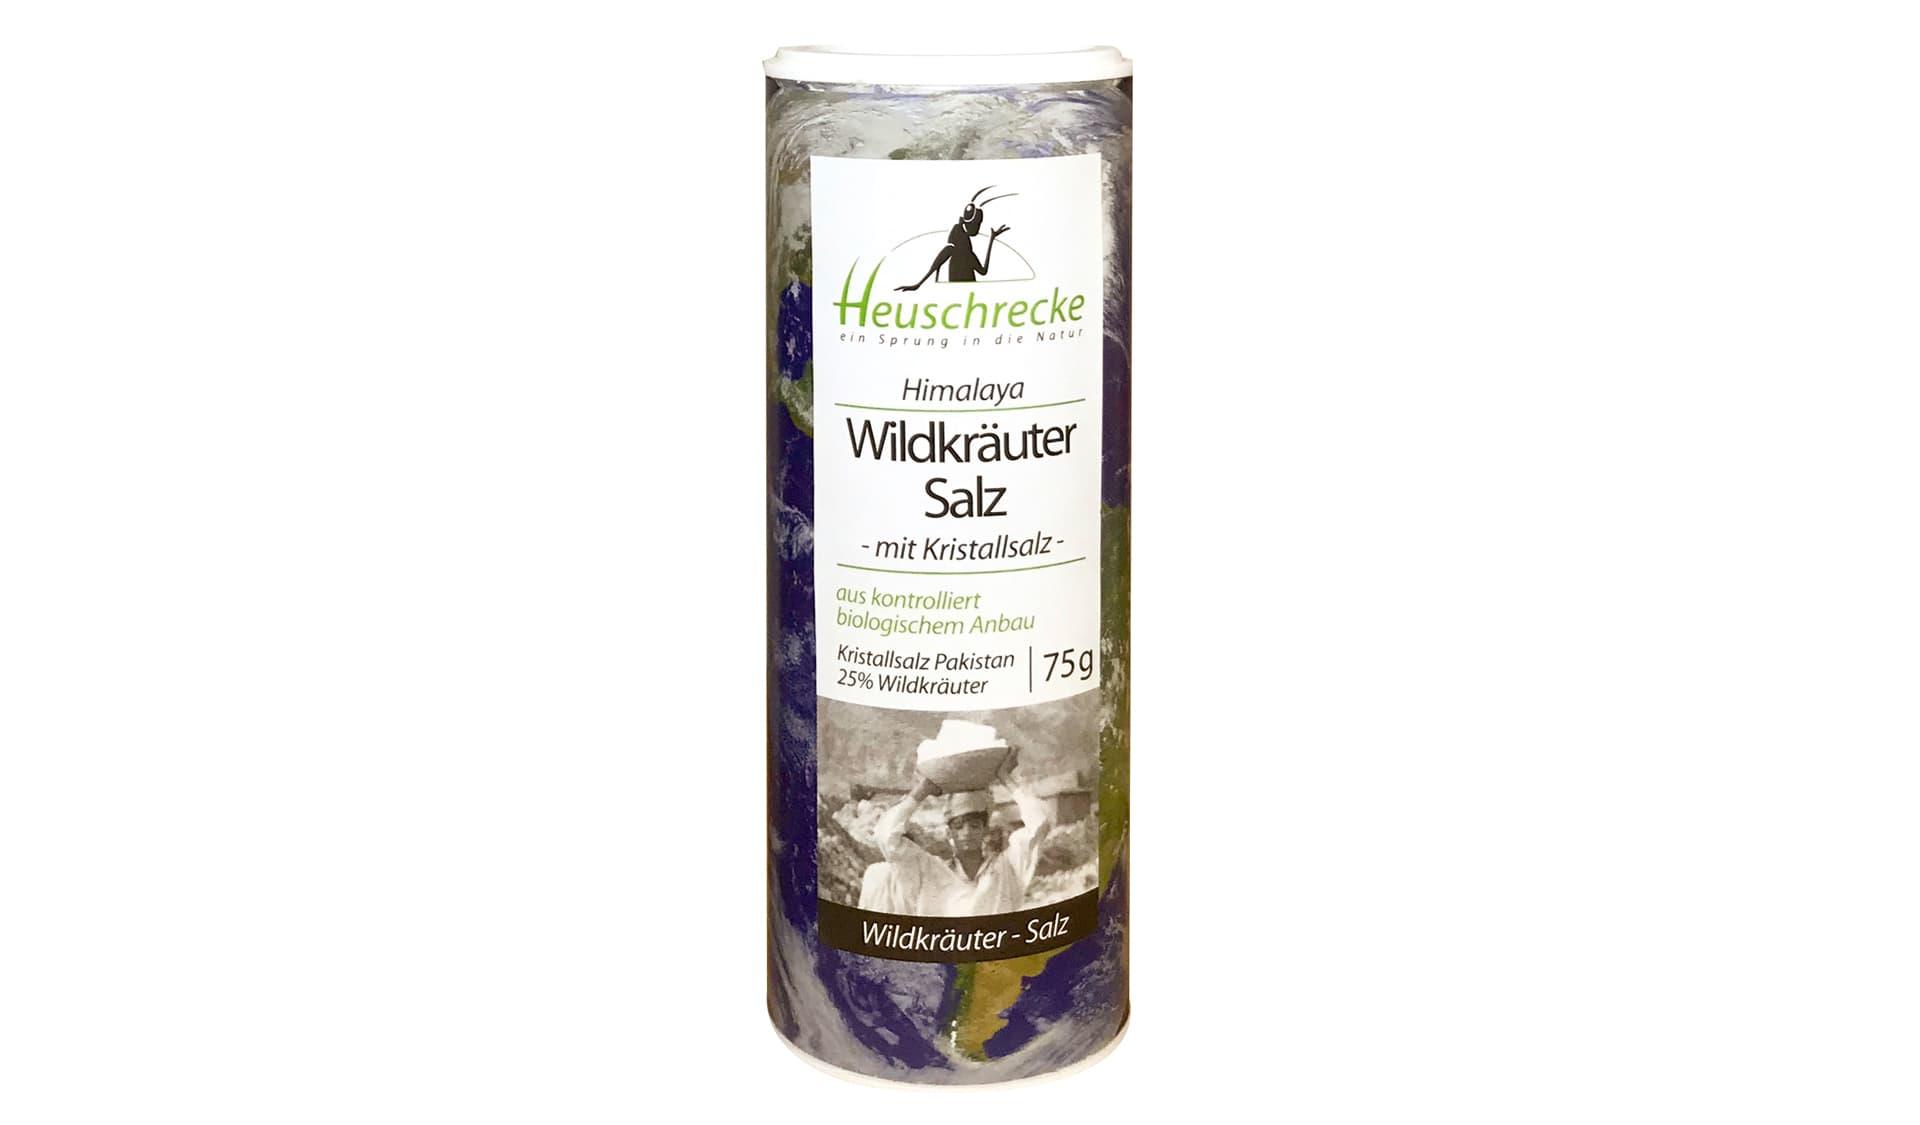 9 Heuschrecke Himalaya Wildkräutersalz (www.heuschrecke.de)